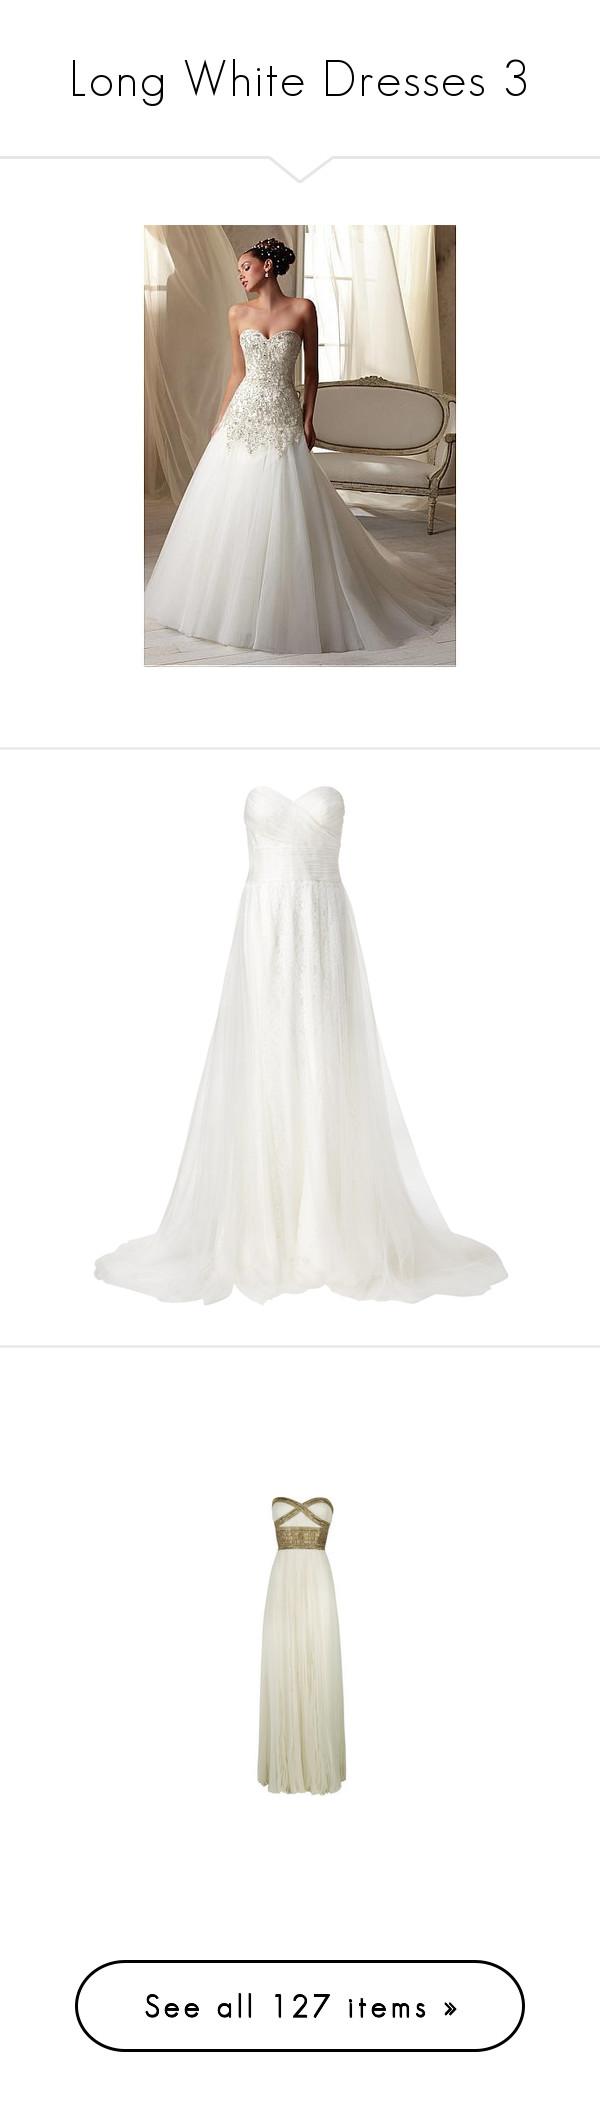 Long white dresses